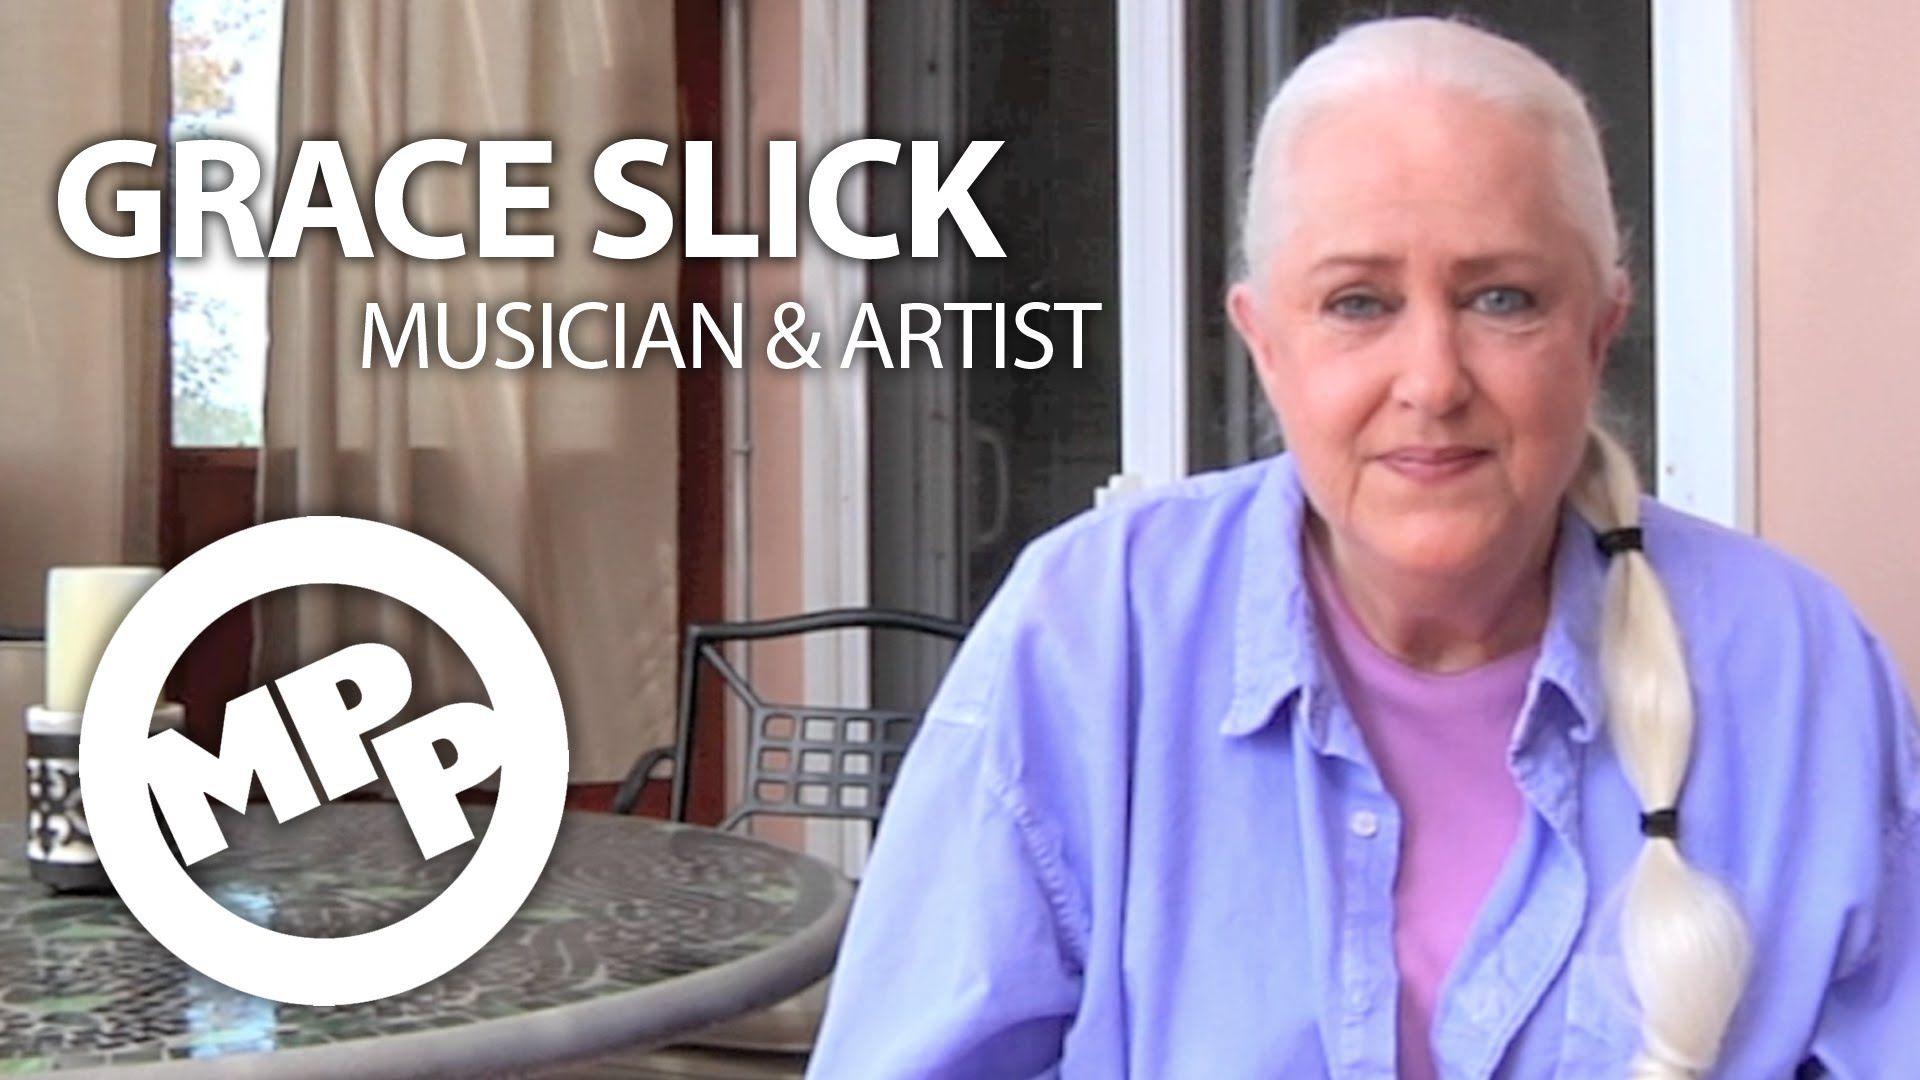 Grace Slick: Less Alcohol, More Marijuana